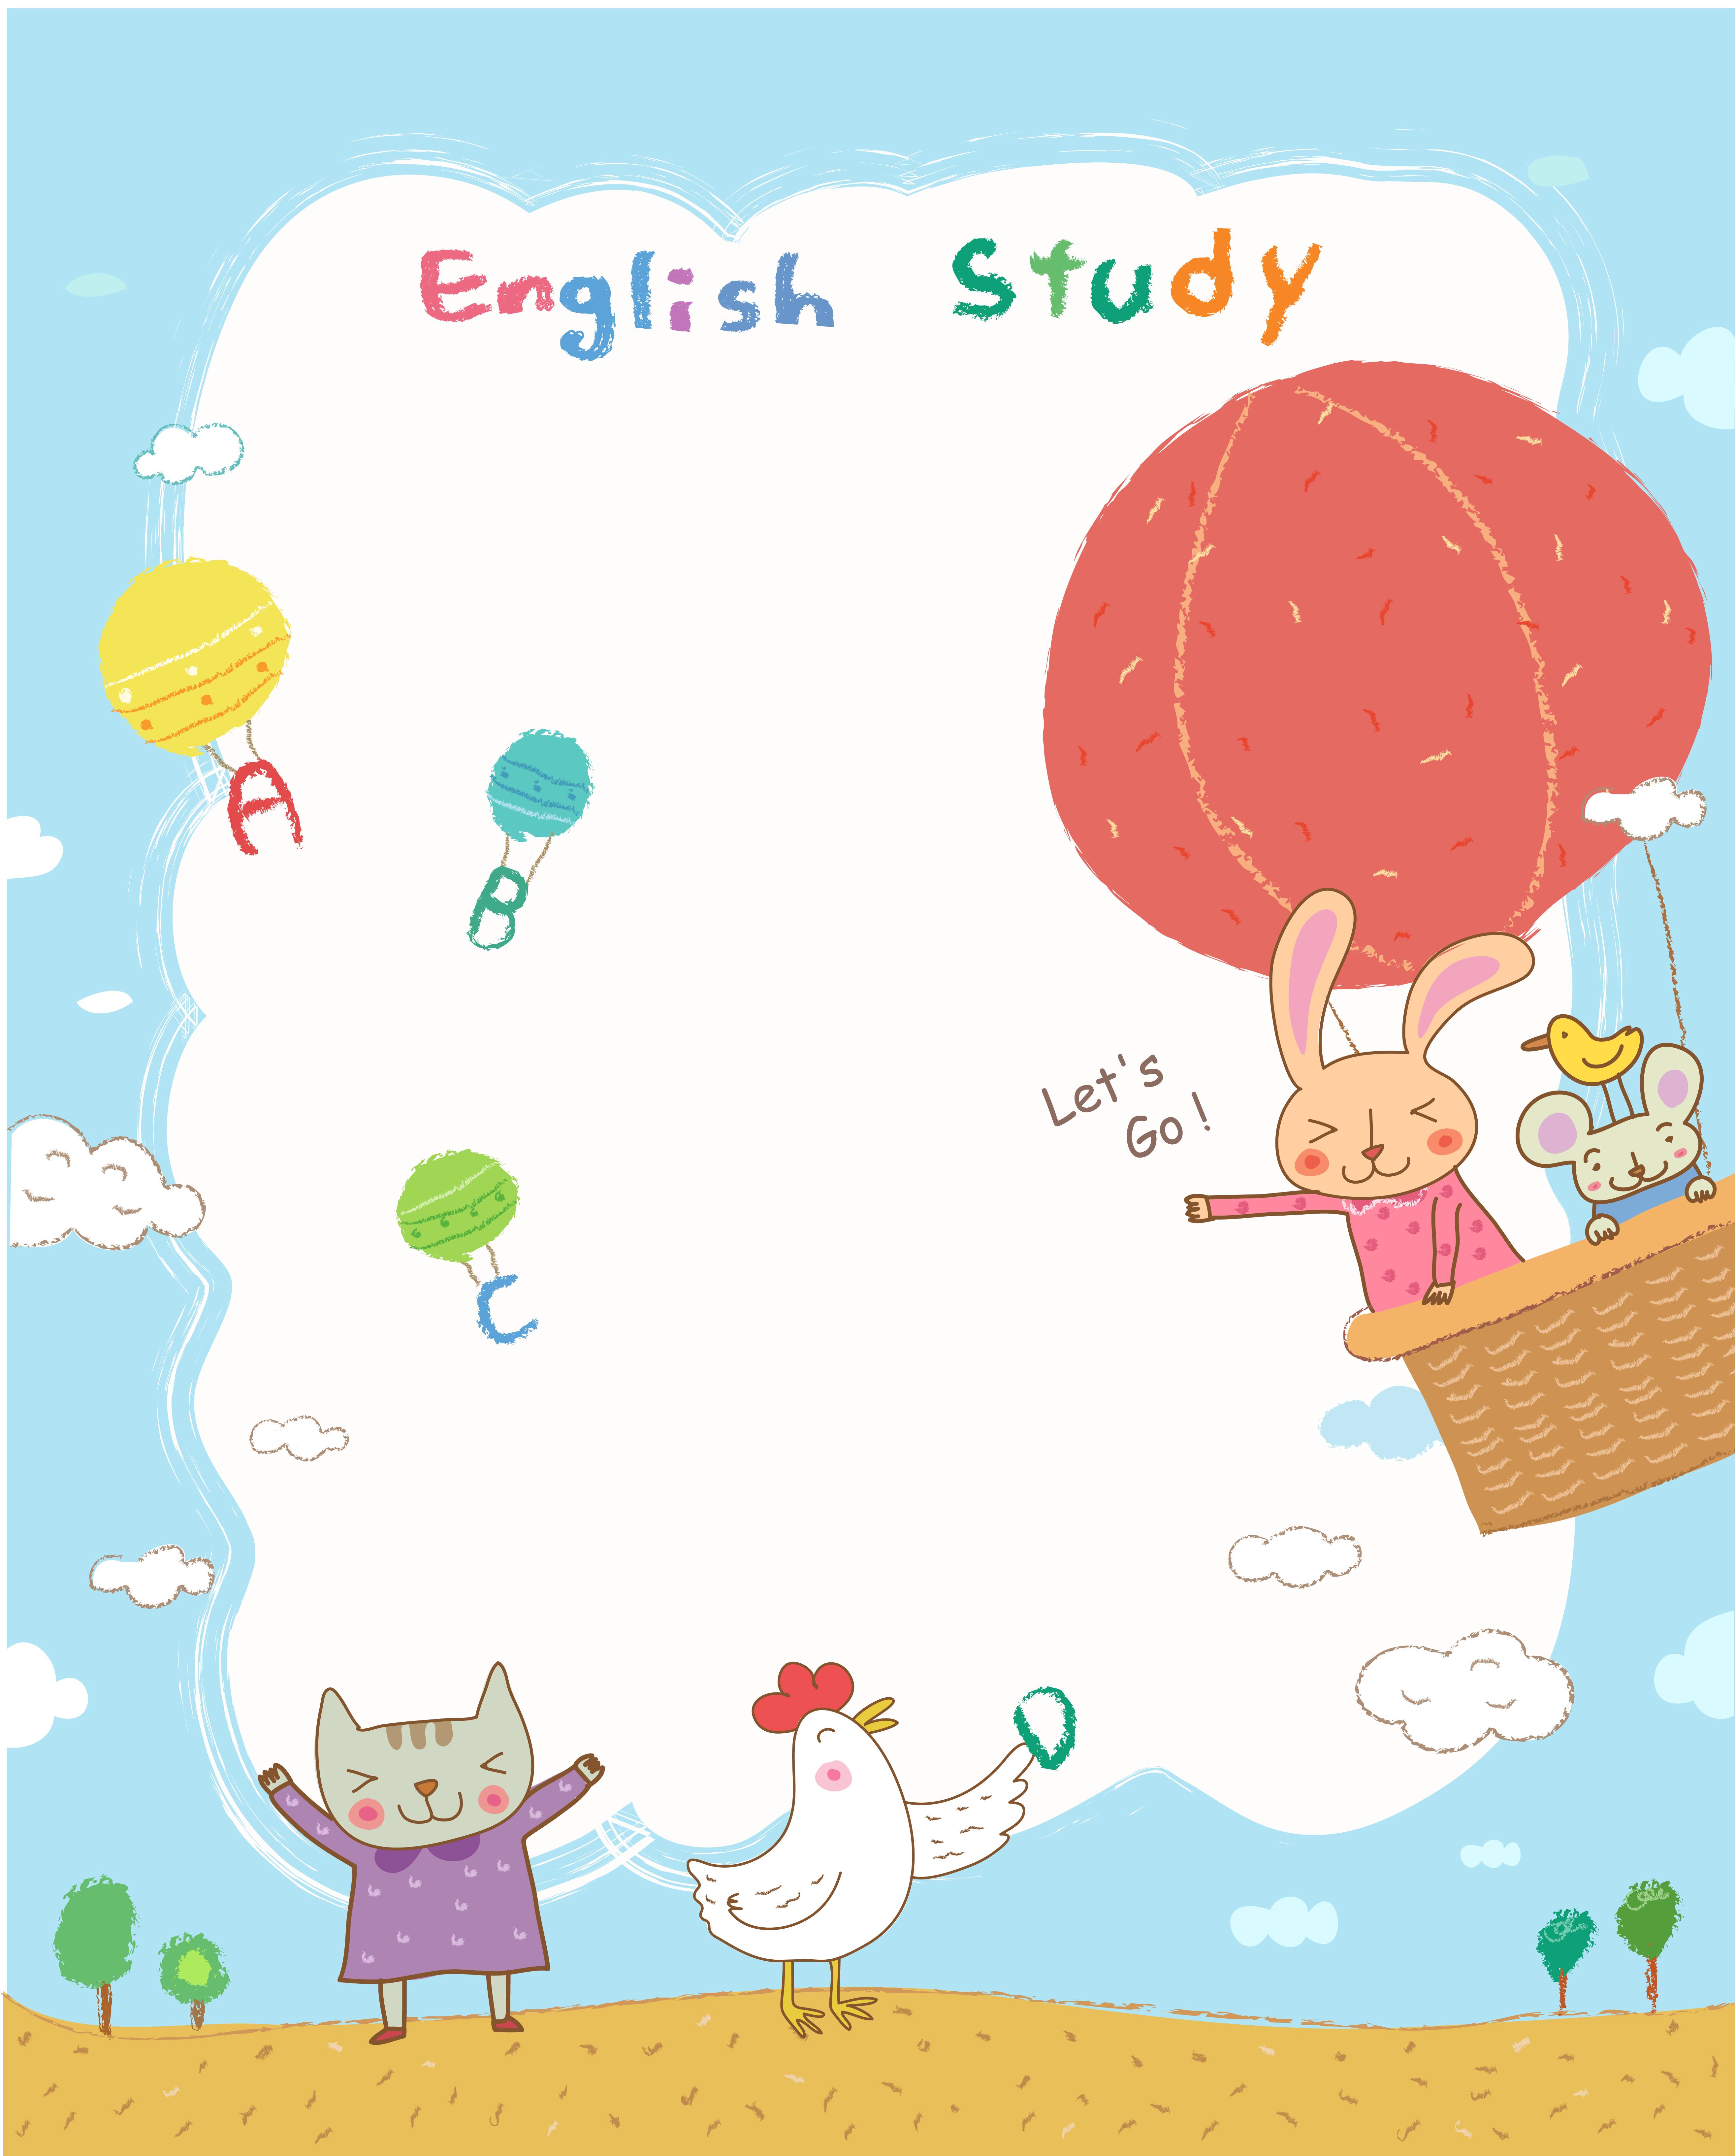 des affiches de la classe d anglais l apprentissage de l anglais le ballonnet lapin image de